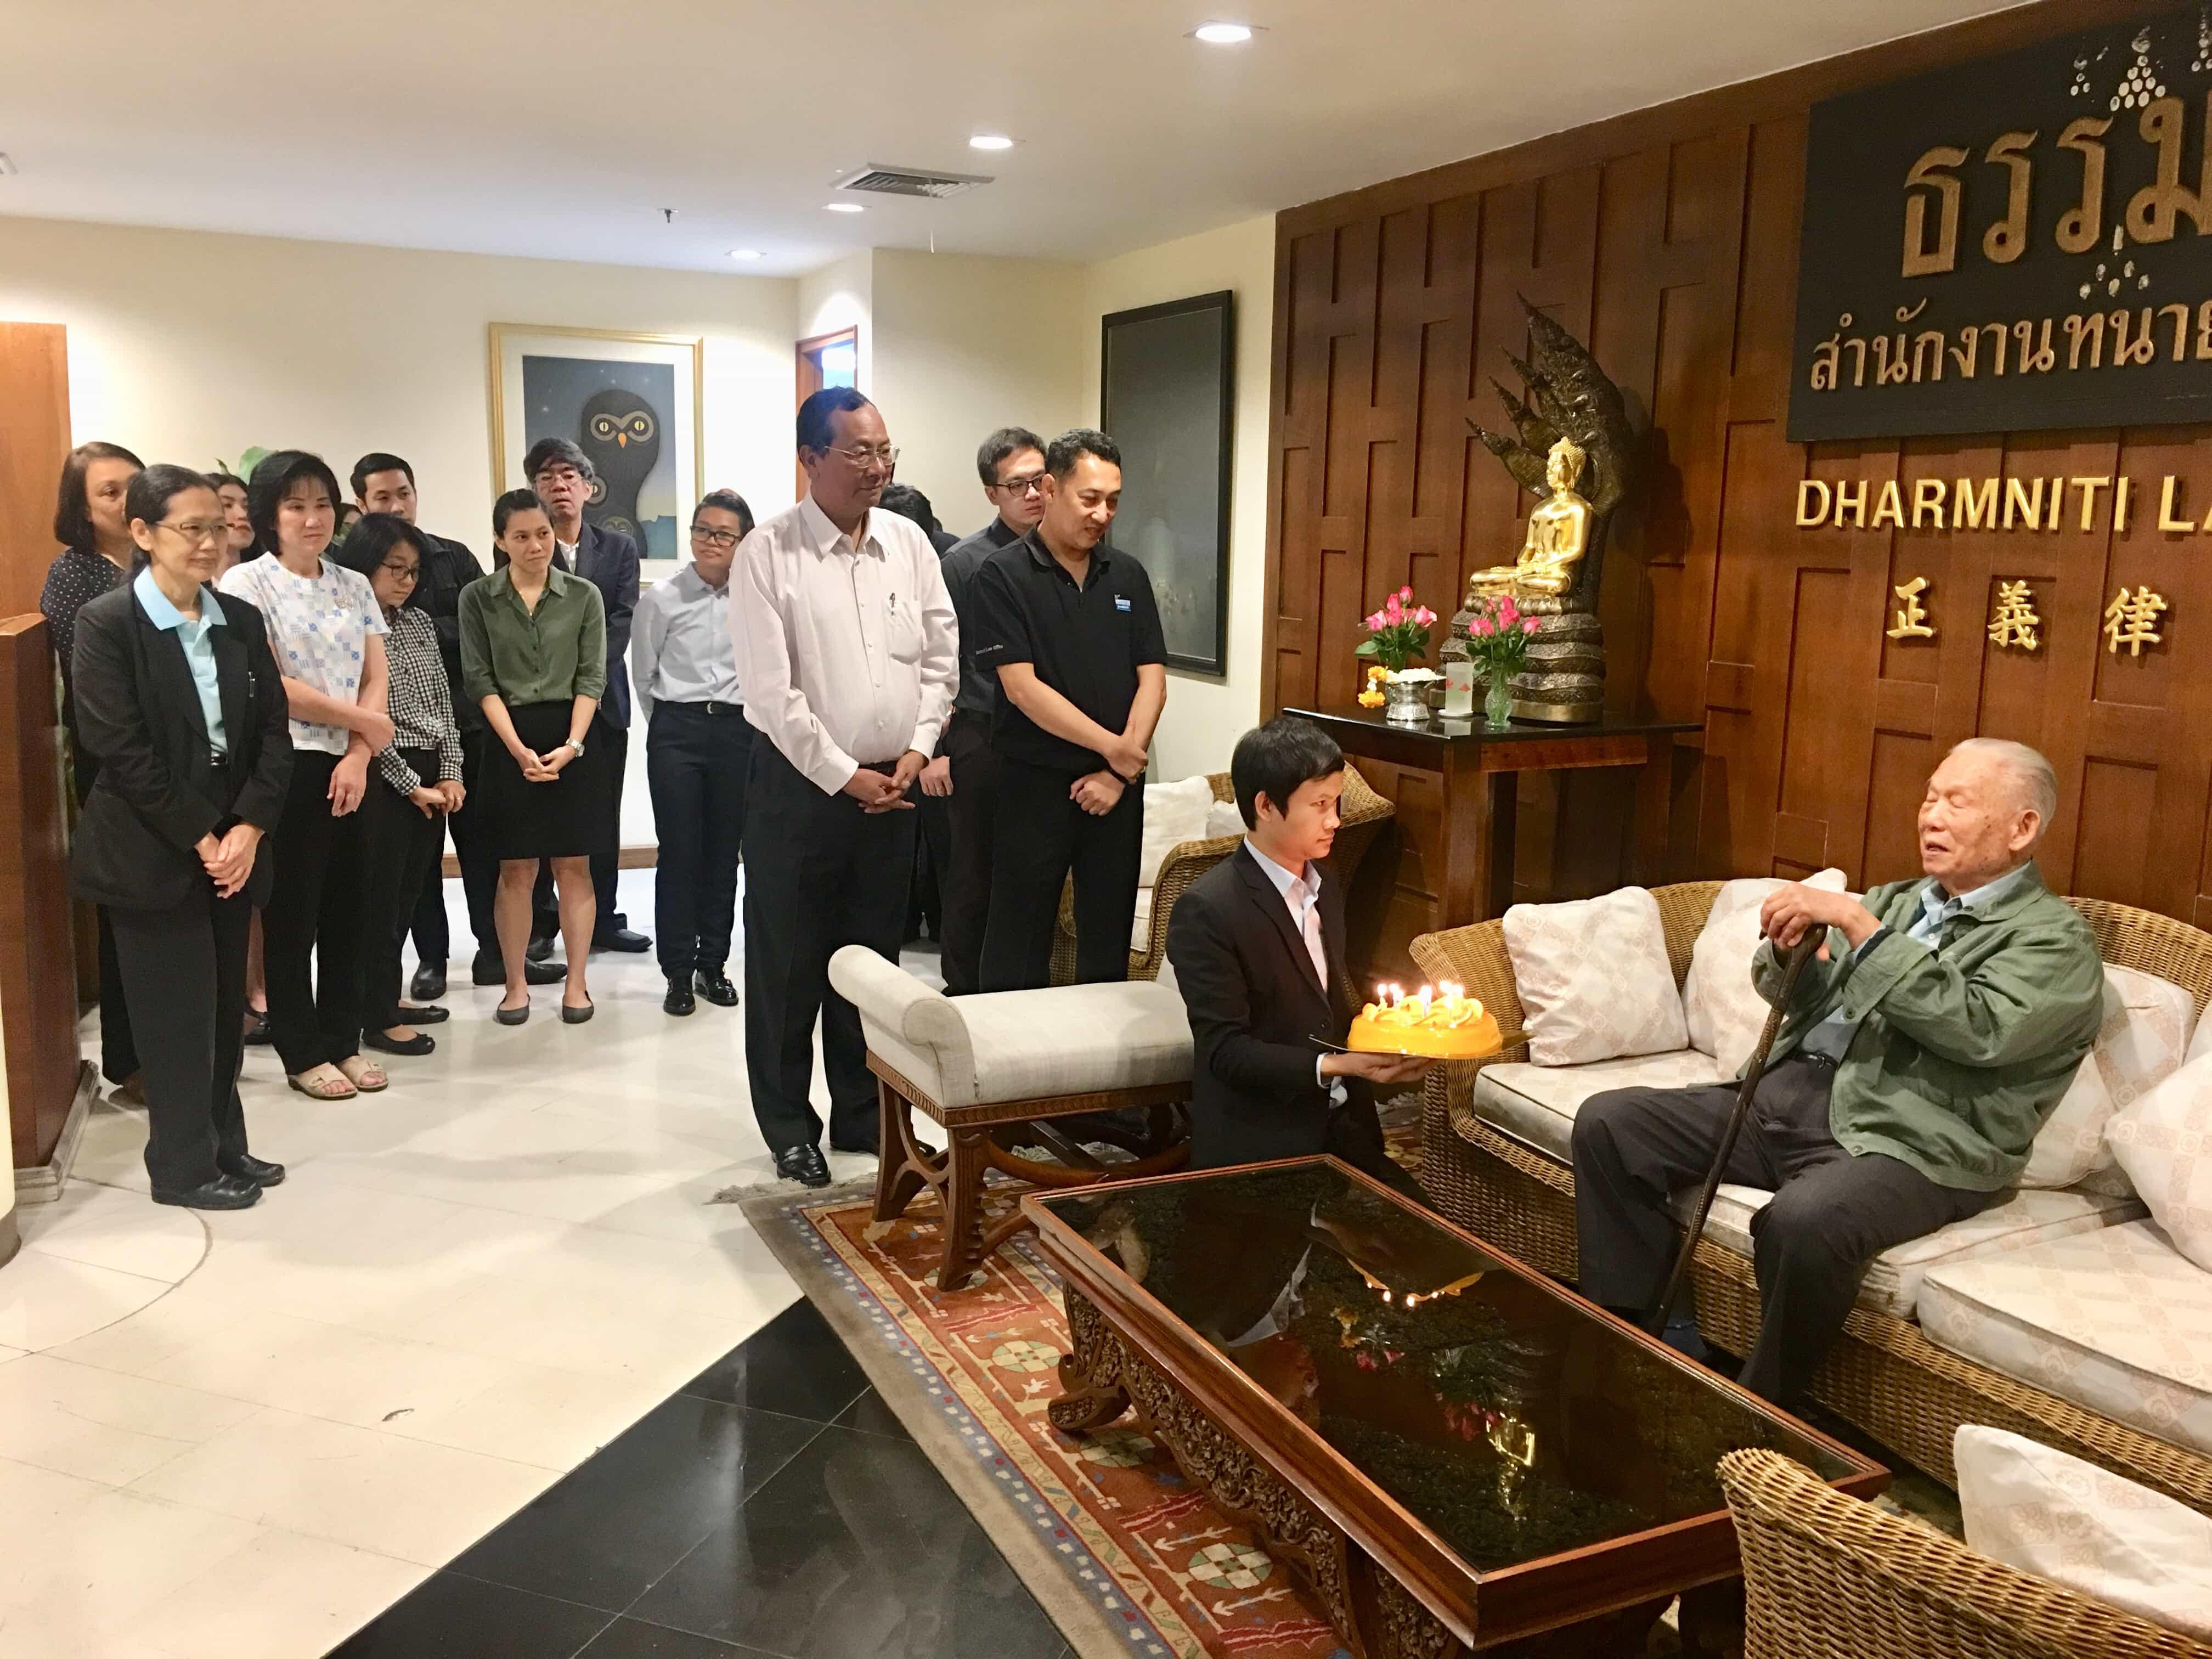 ร่วมอวยพรเนื่องในโอกาสวันคล้ายวันเกิด ศาสตราจารย์ ปรีชา พานิชวงศ์ ครบรอบ 92 ปี